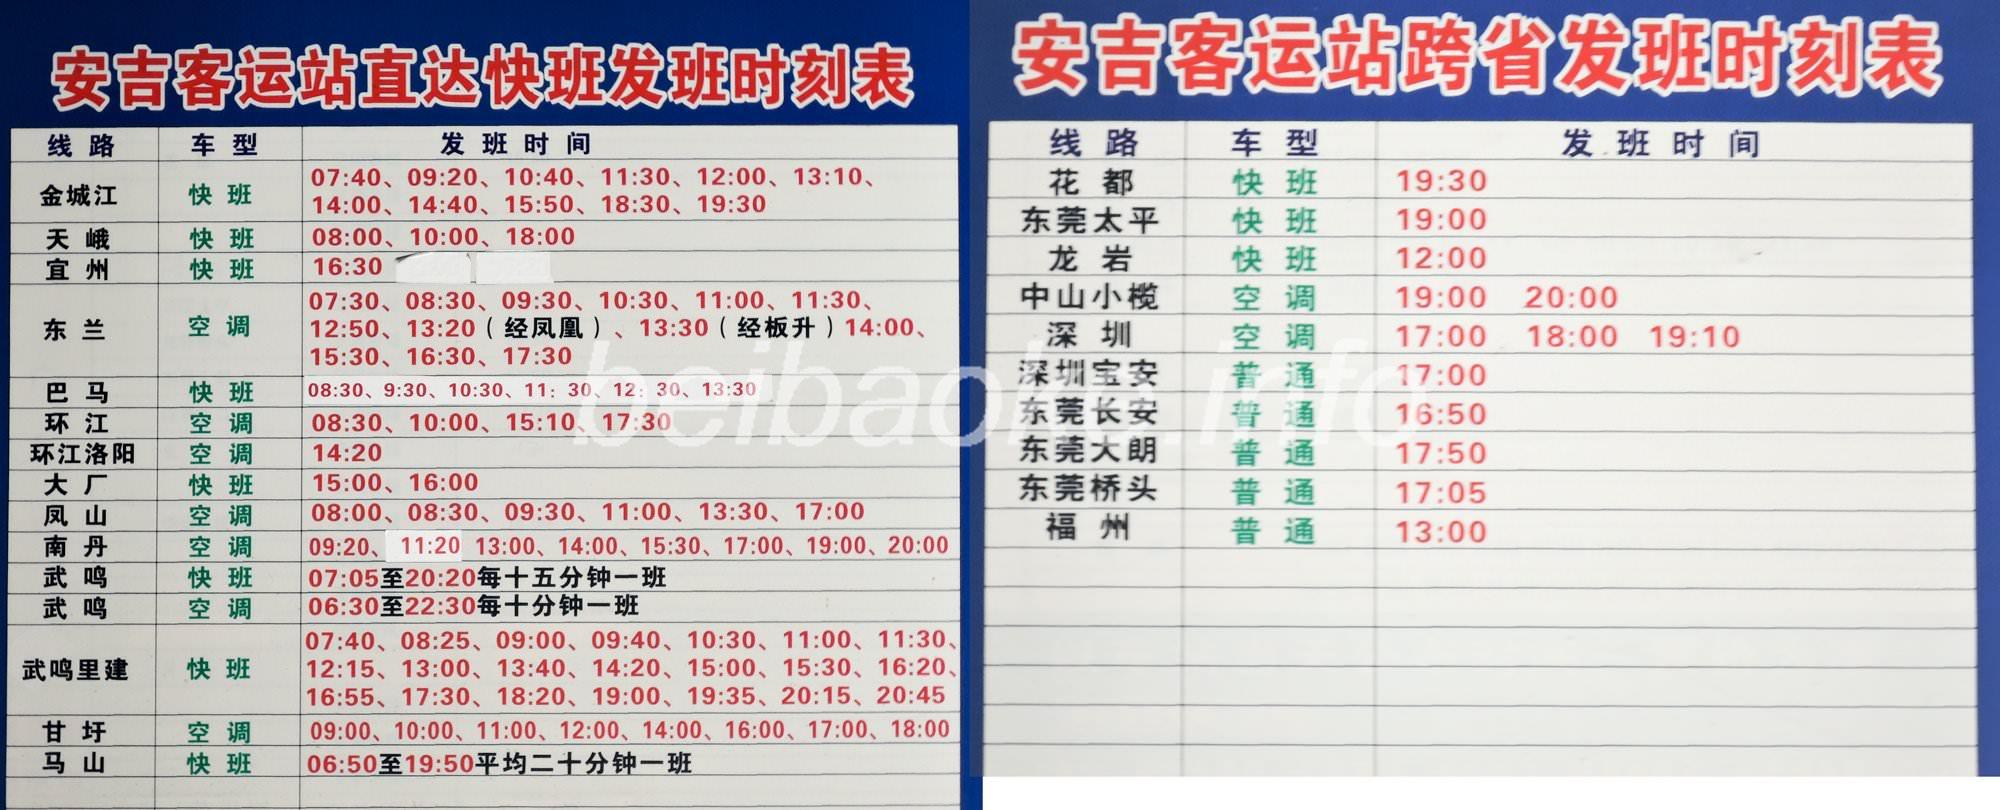 安吉客運站時刻表